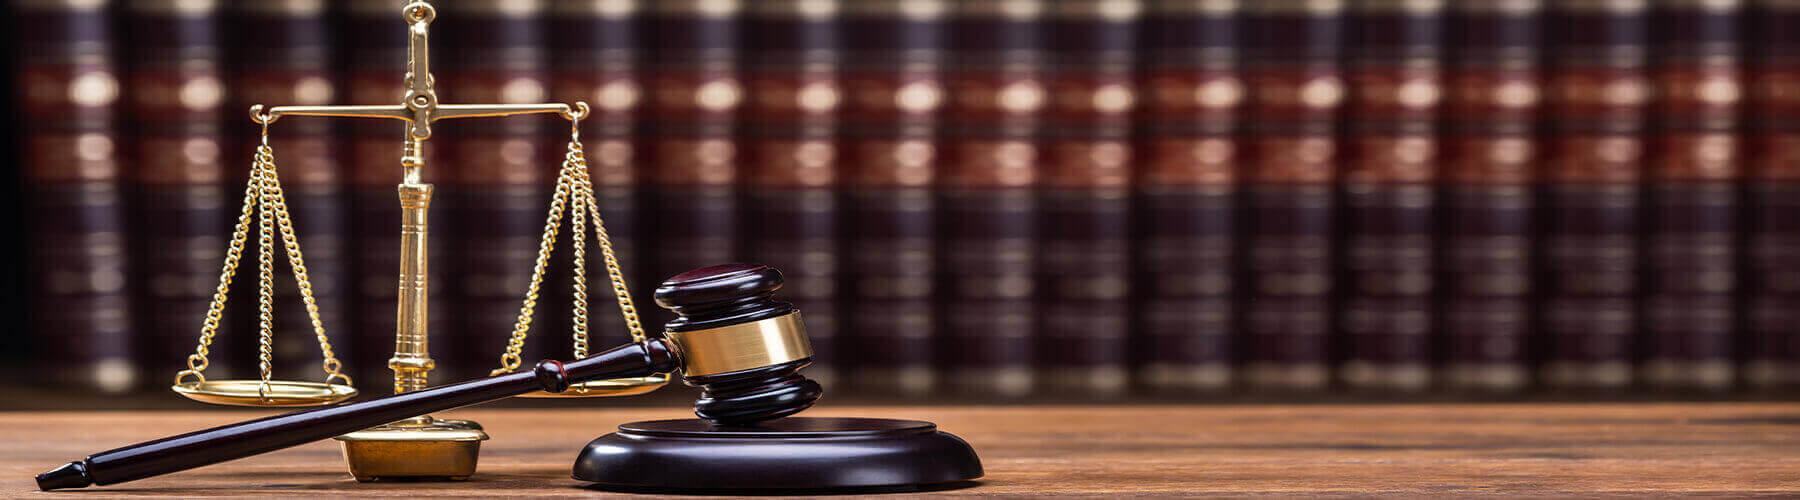 עורך דין לענייני פשיטות רגל ברמת גן